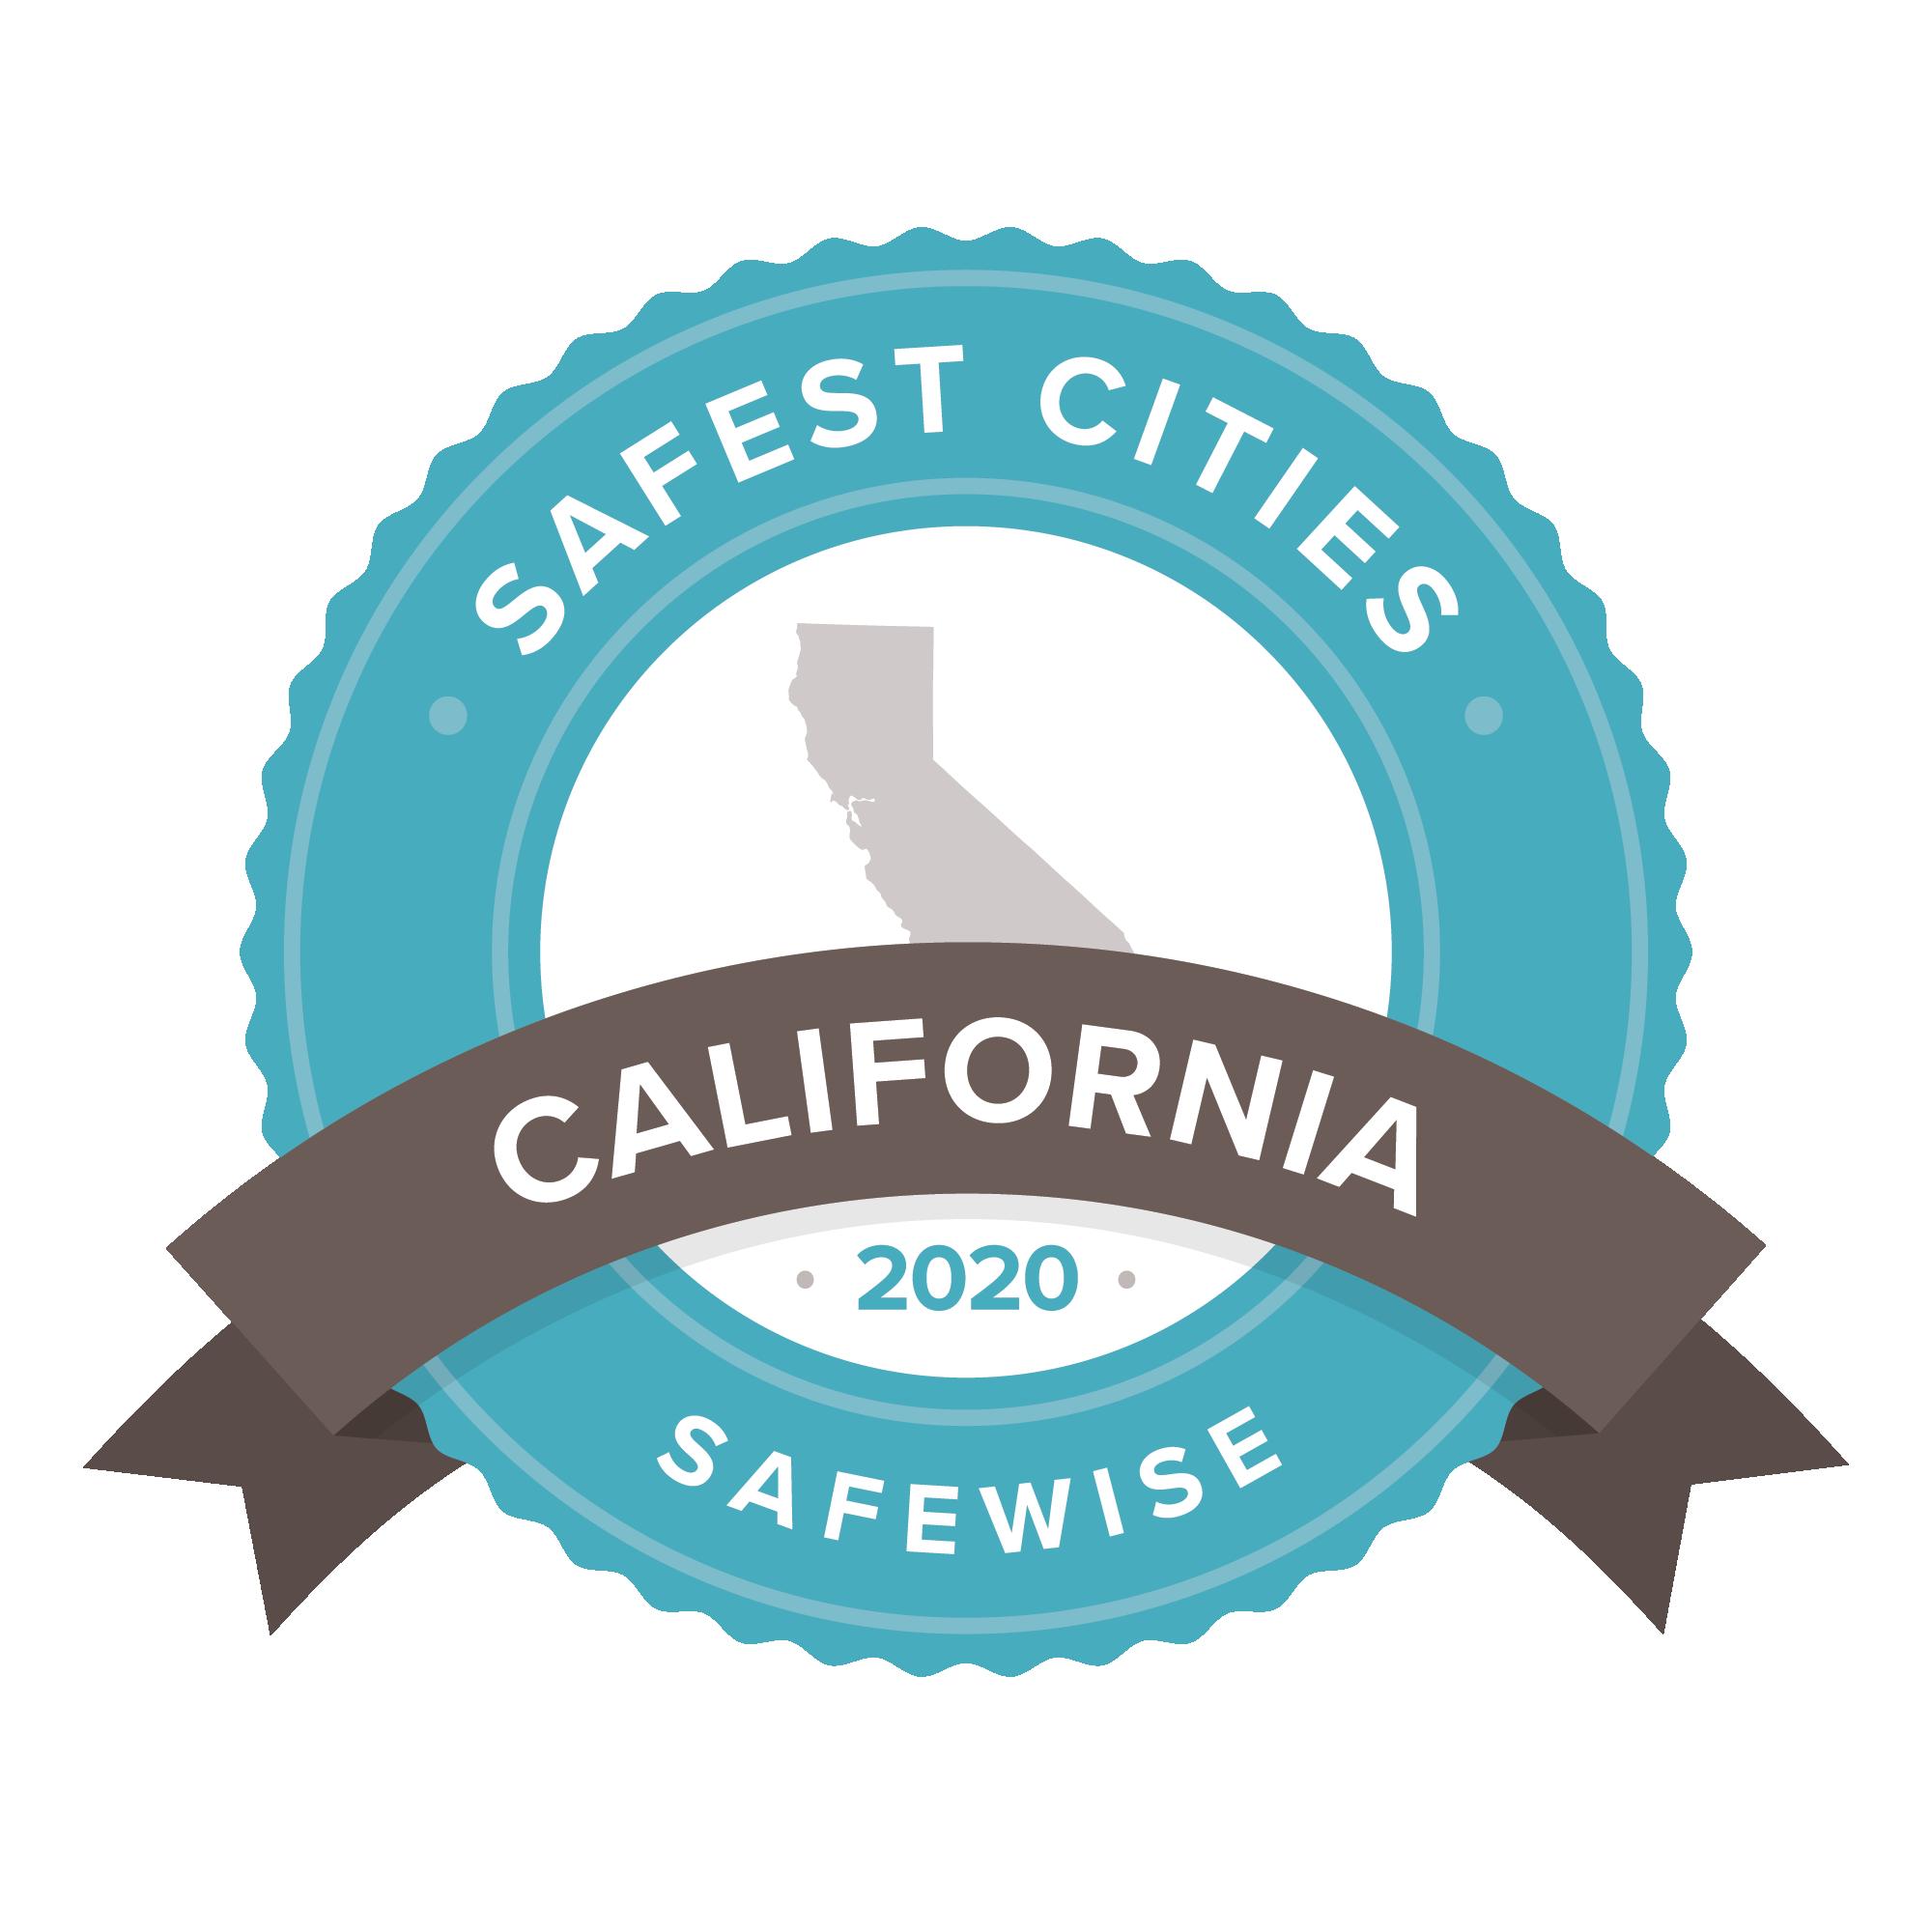 California safest cities badge